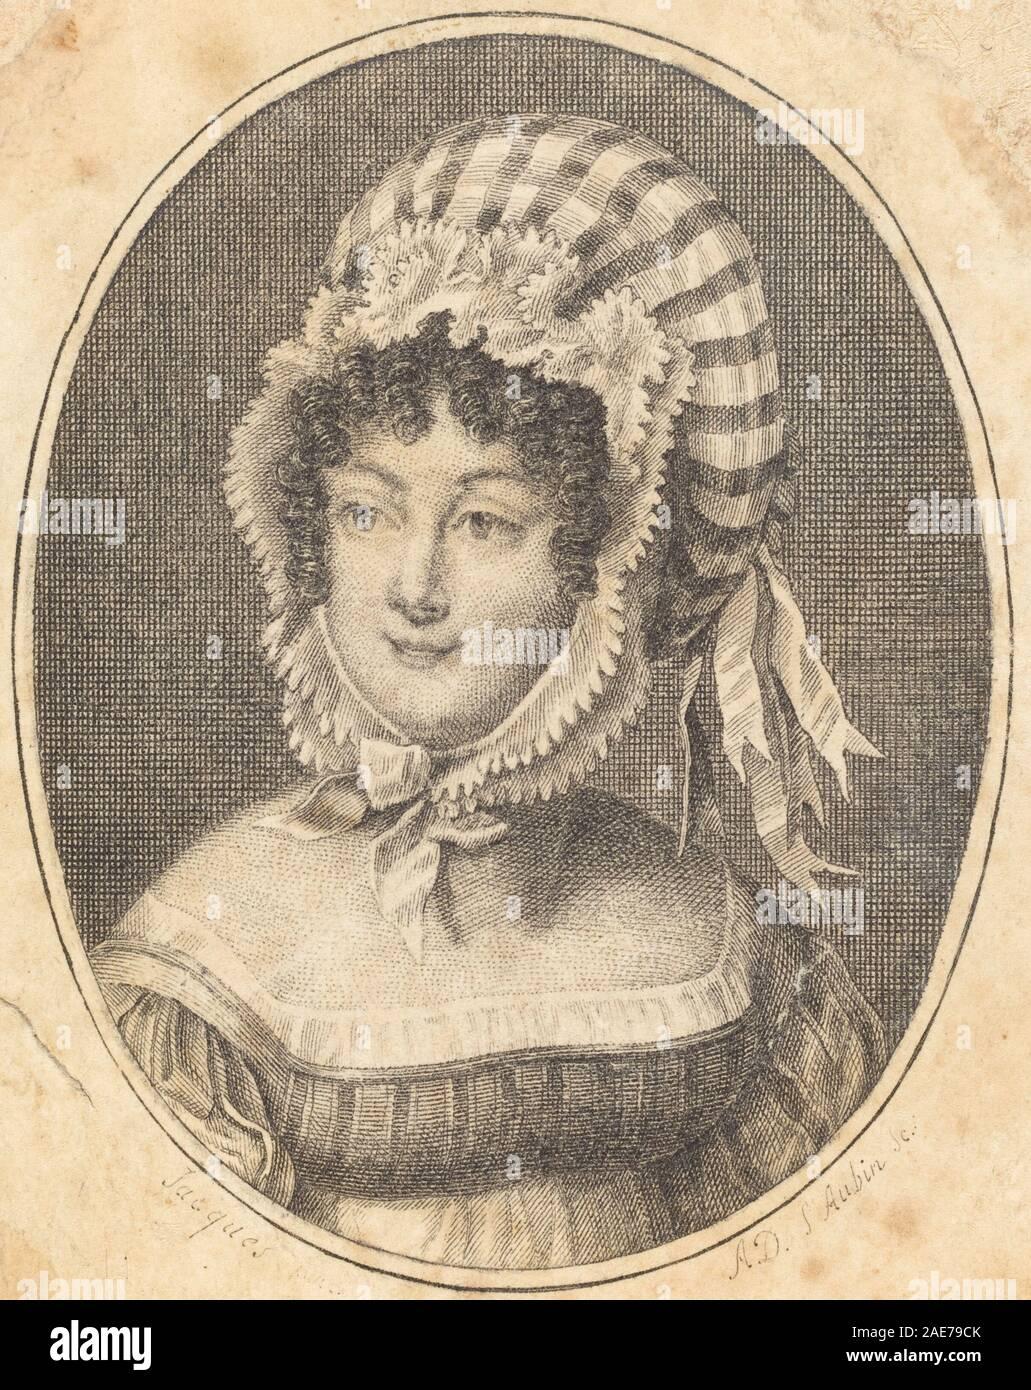 Tête de femme portant un bonnet à rayures Augustin de Saint-Aubin, tête de femme portant un bonnet à rayures Banque D'Images